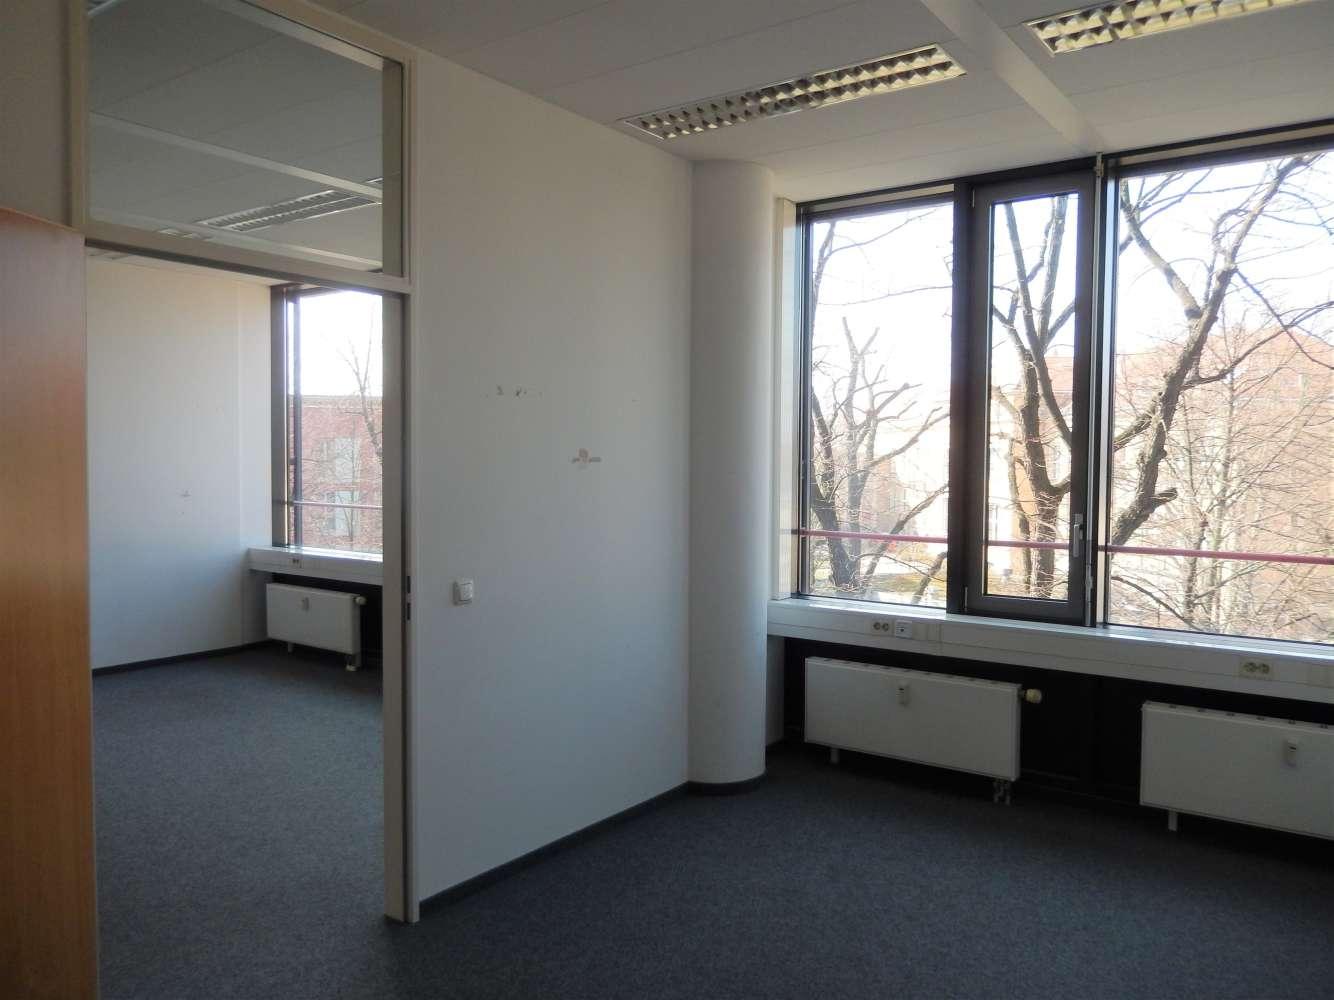 Büros Leipzig, 04317 - Büro - Leipzig, Reudnitz-Thonberg - B1681 - 10191987